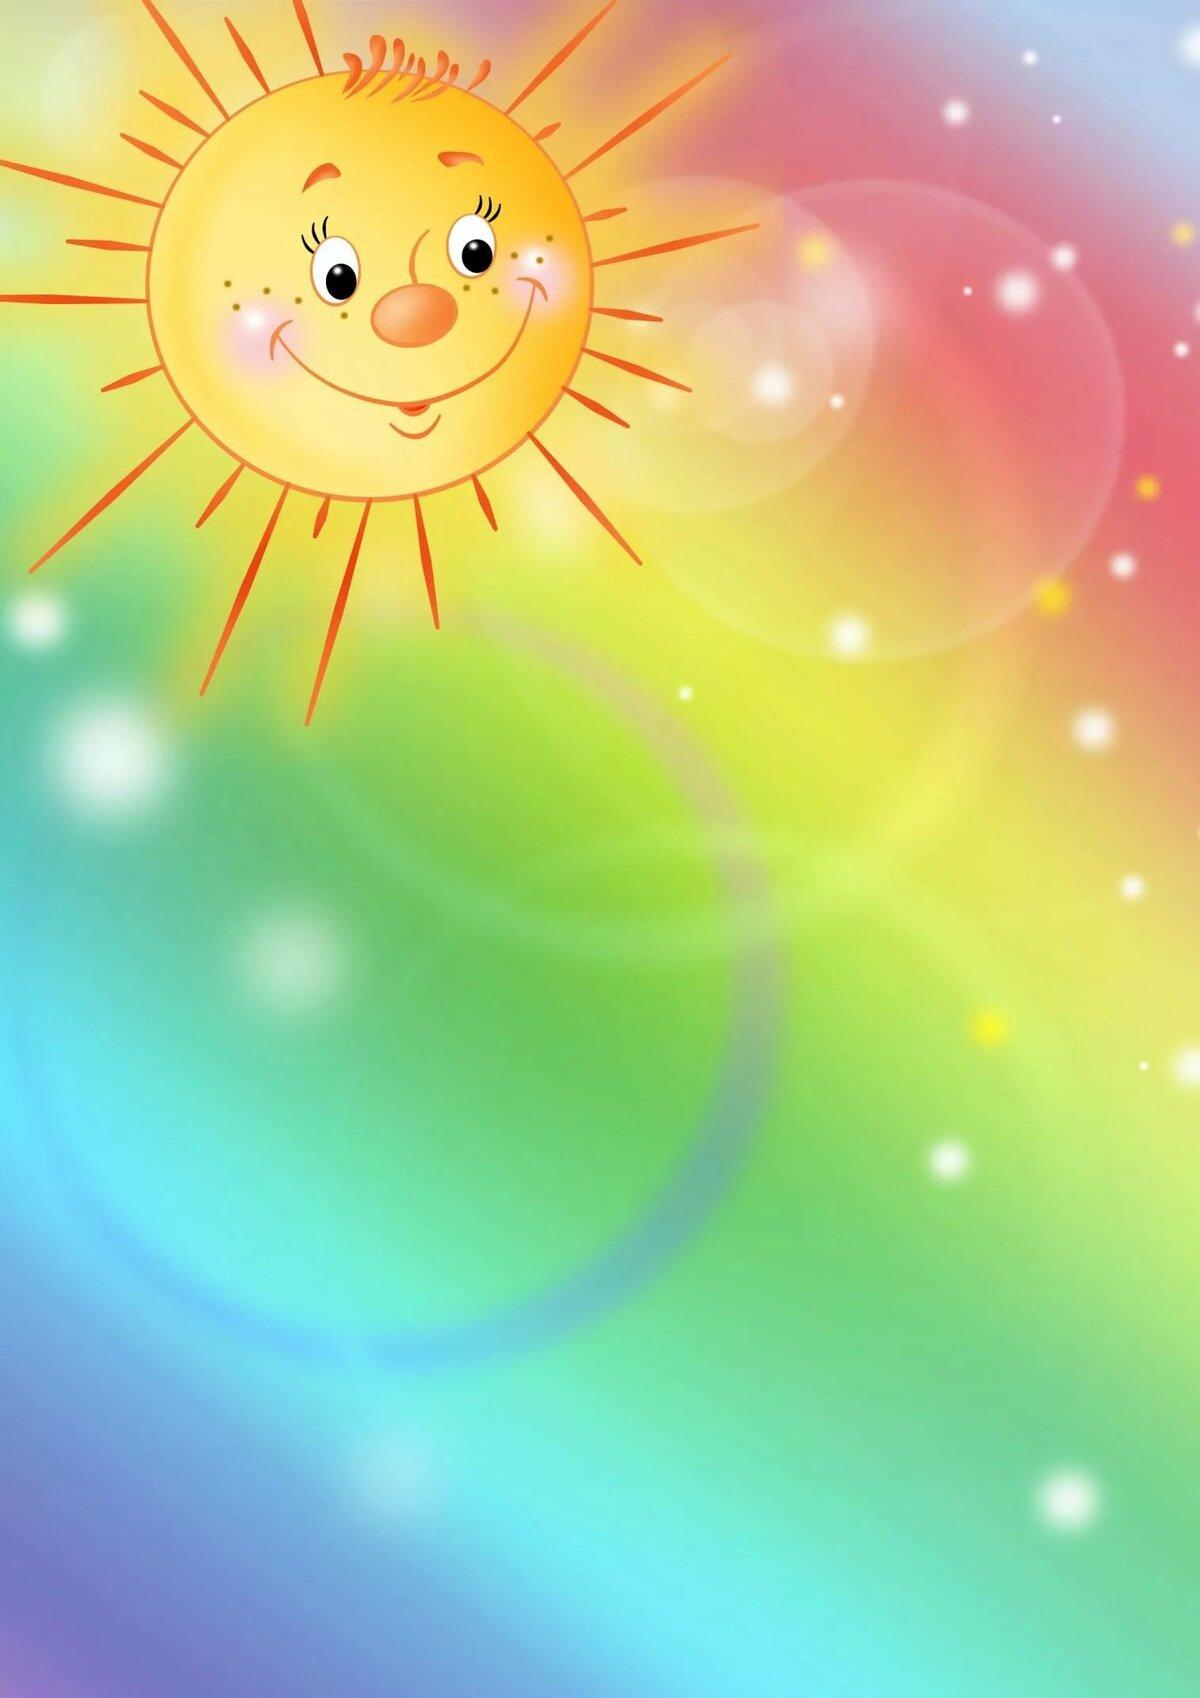 капри рисунок в группу солнышко стороне